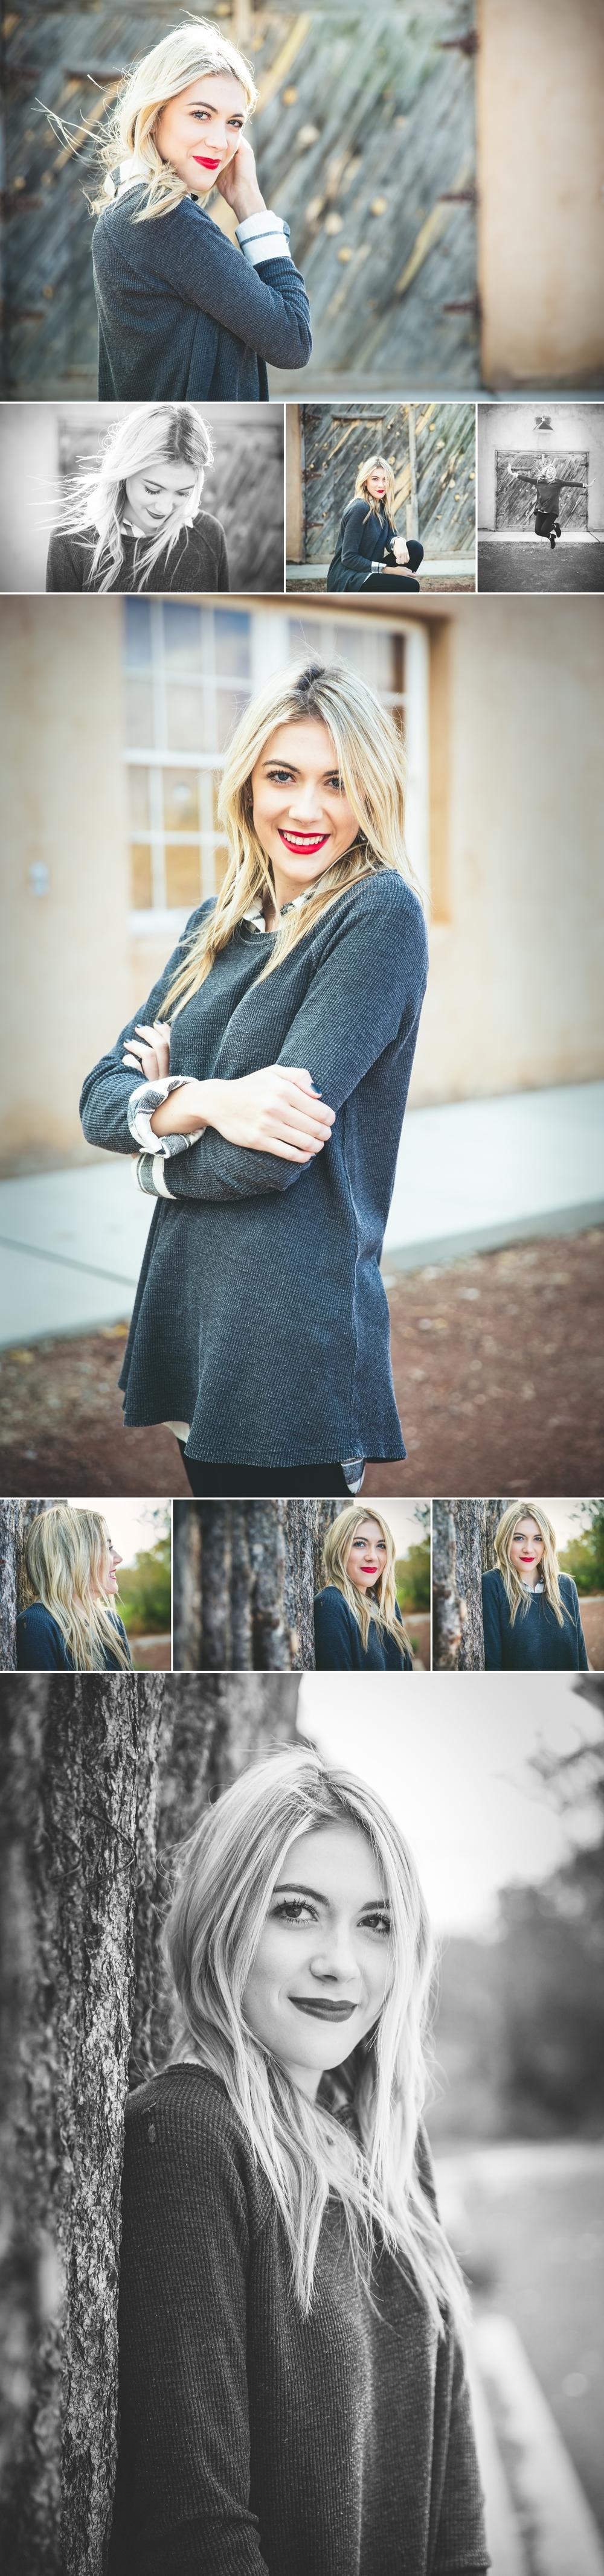 Emily Neal 5.jpg